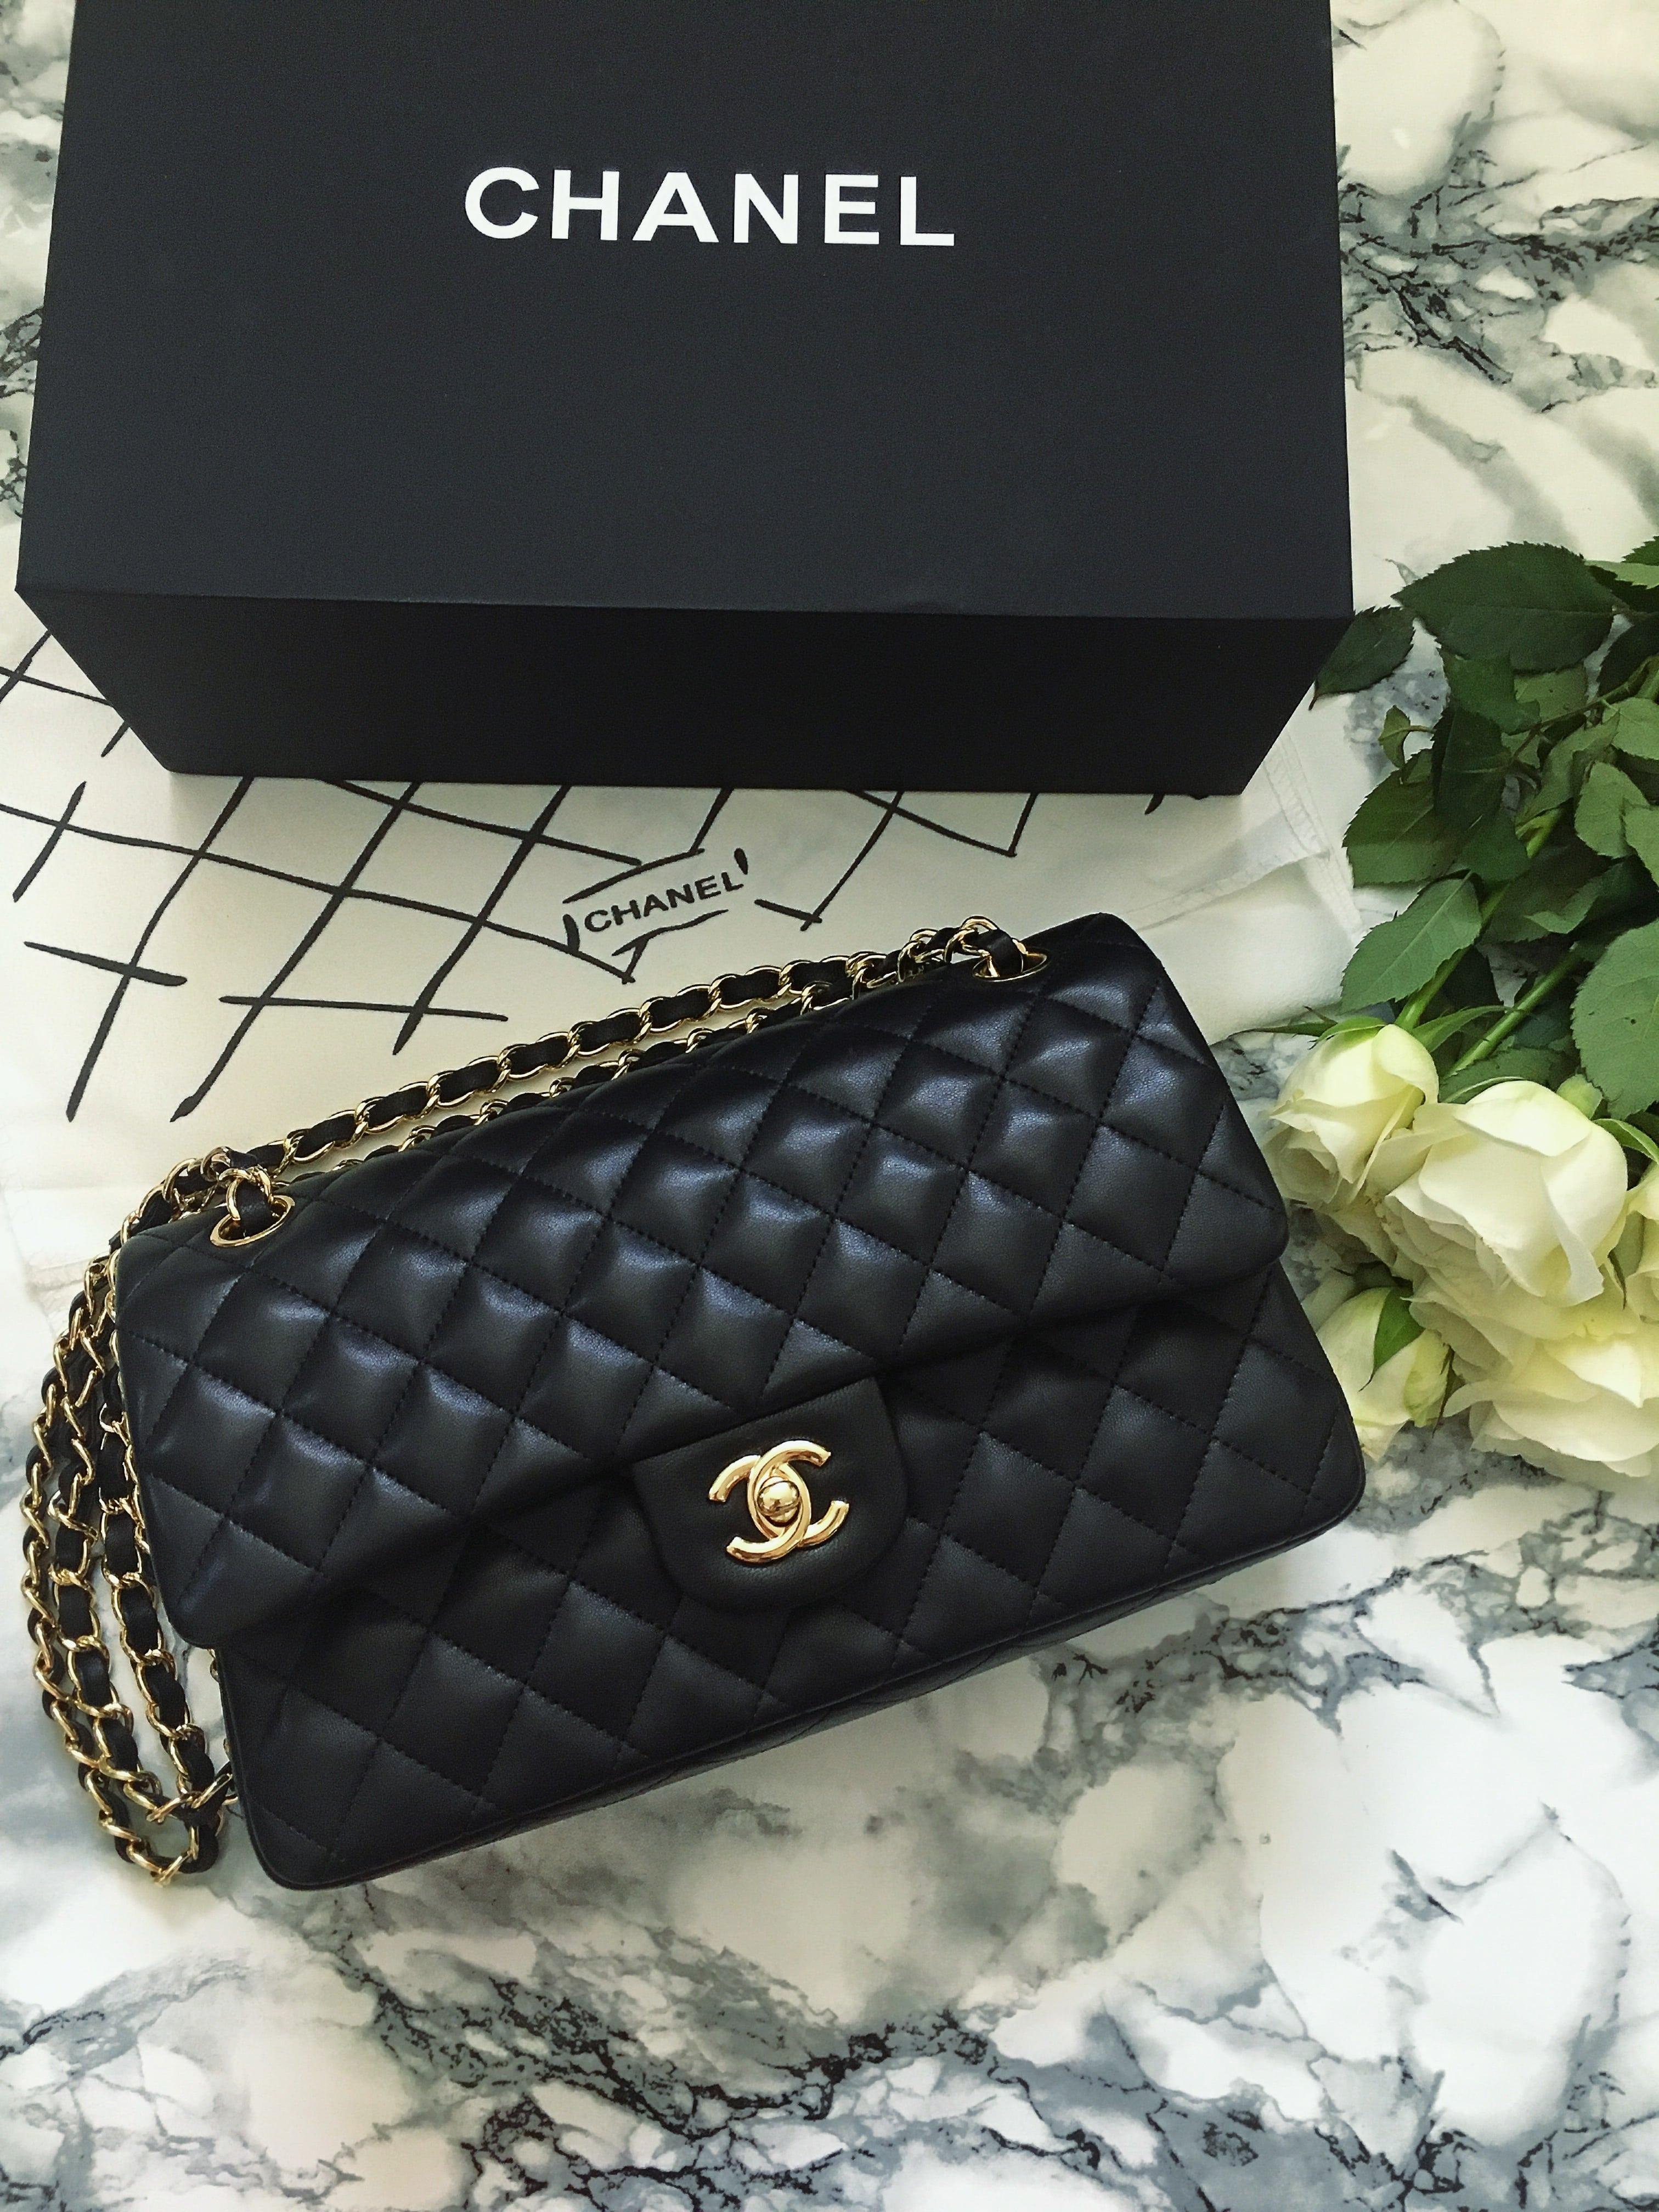 Die 2.55 Tasche von Chanel ist ein waschechtes IT Piece. Die kultige Tasche hat eine schöne Geschichte, die ich im Blogpost erzähle und top Pflegetipps gebe